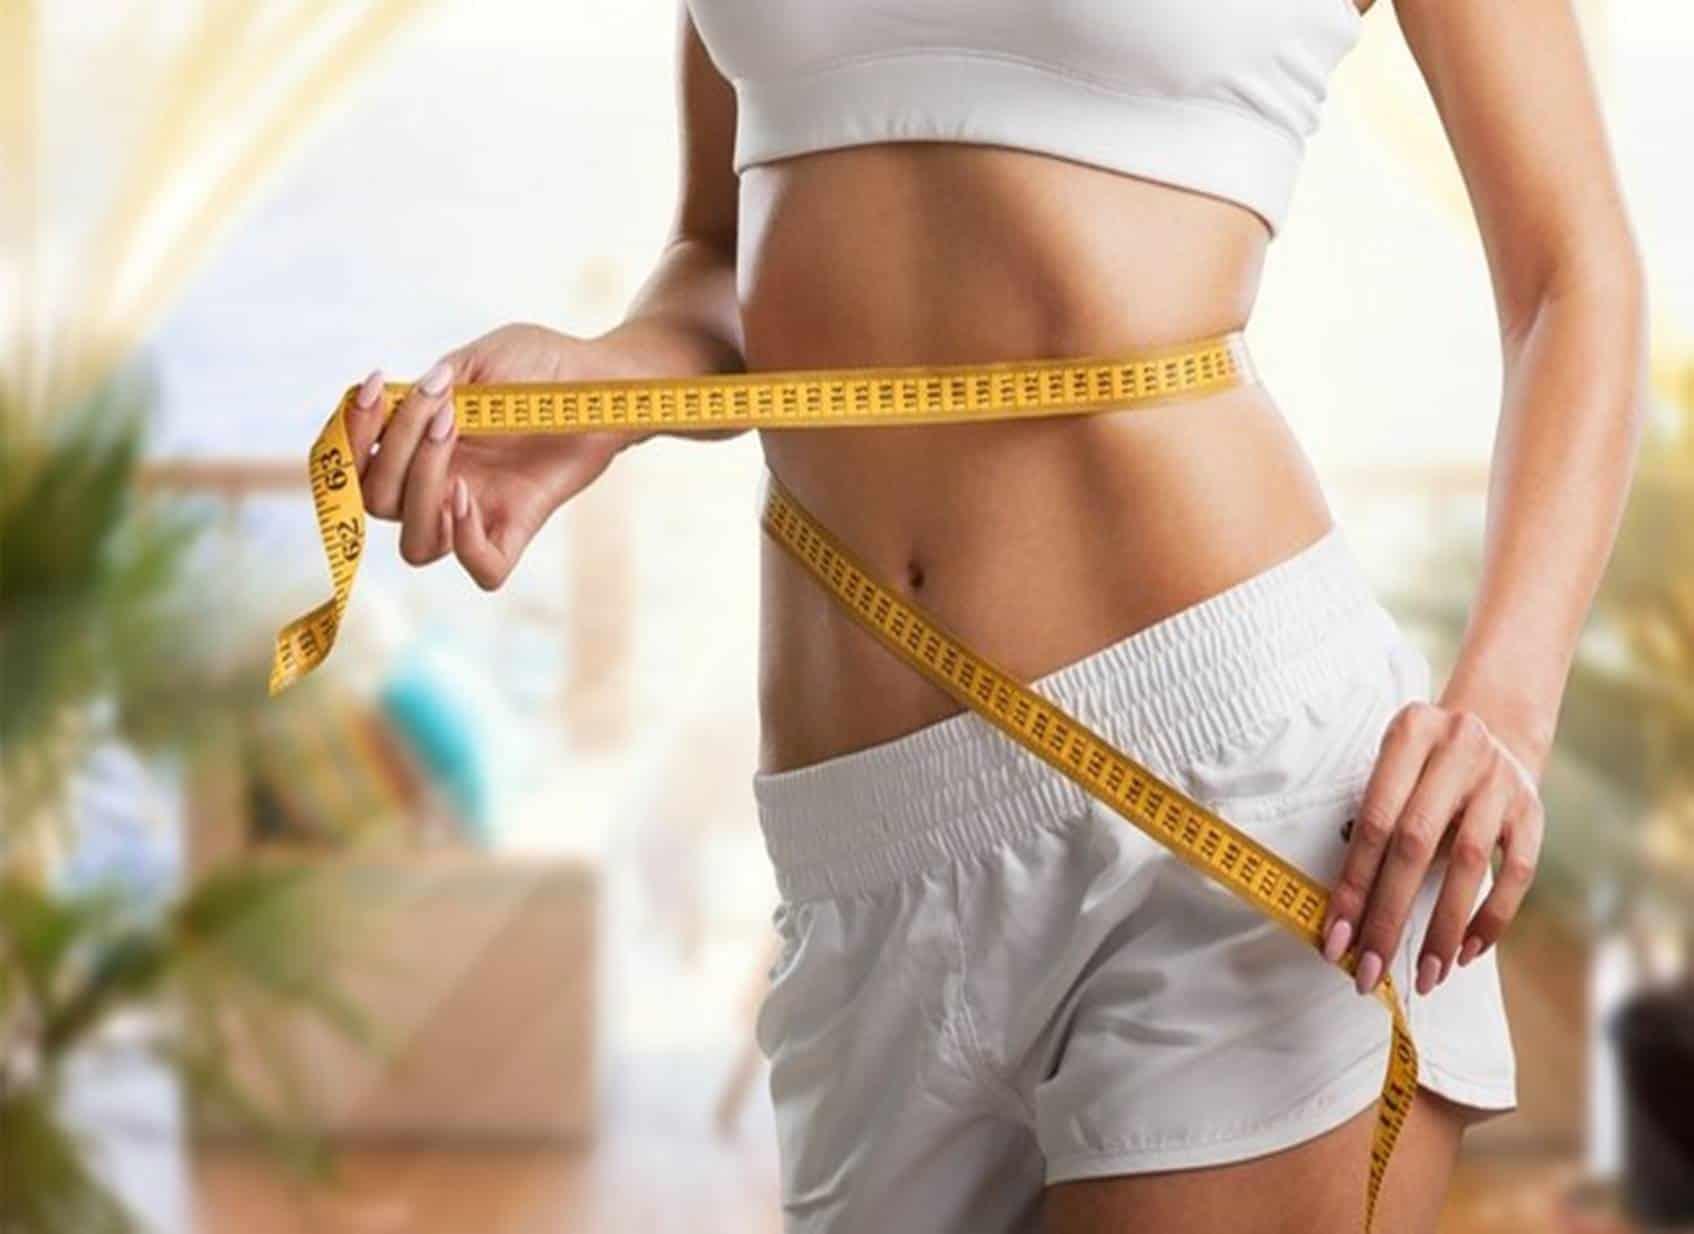 Emagreça mais de 4 kg fazendo a dieta da canela corretamente